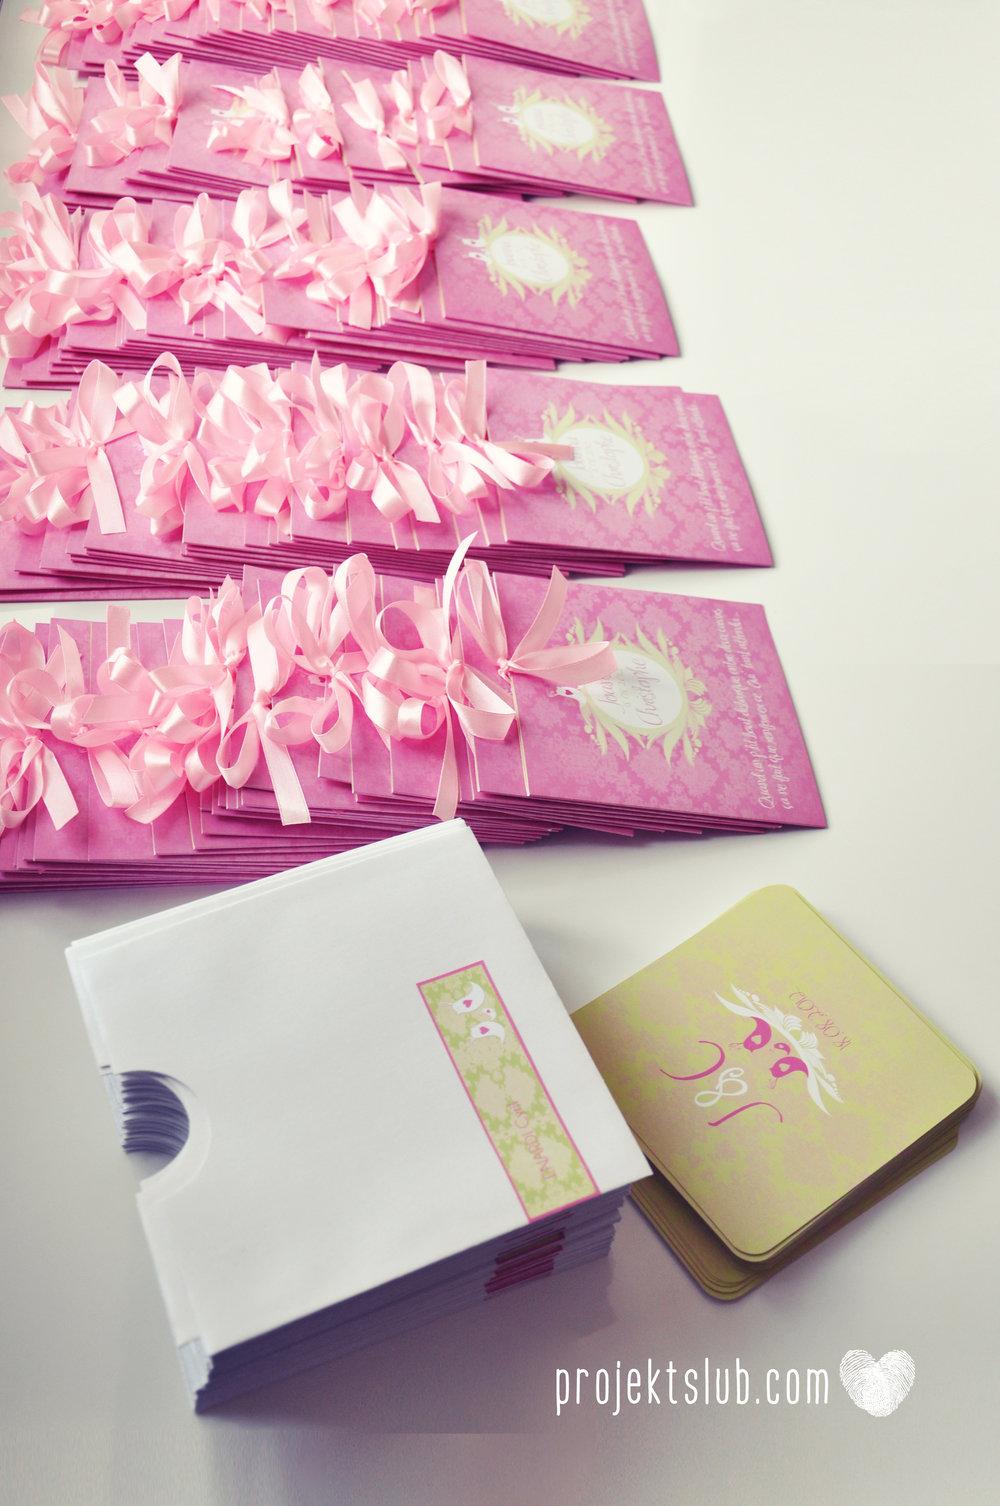 zaproszenia-ślubne-eleganckie-glamour-ptaszki-zaproszenia-dla-par-z-dzieckiem-różowy-róż-zielony-zaproszenia-projekt-ślub  (18).JPG